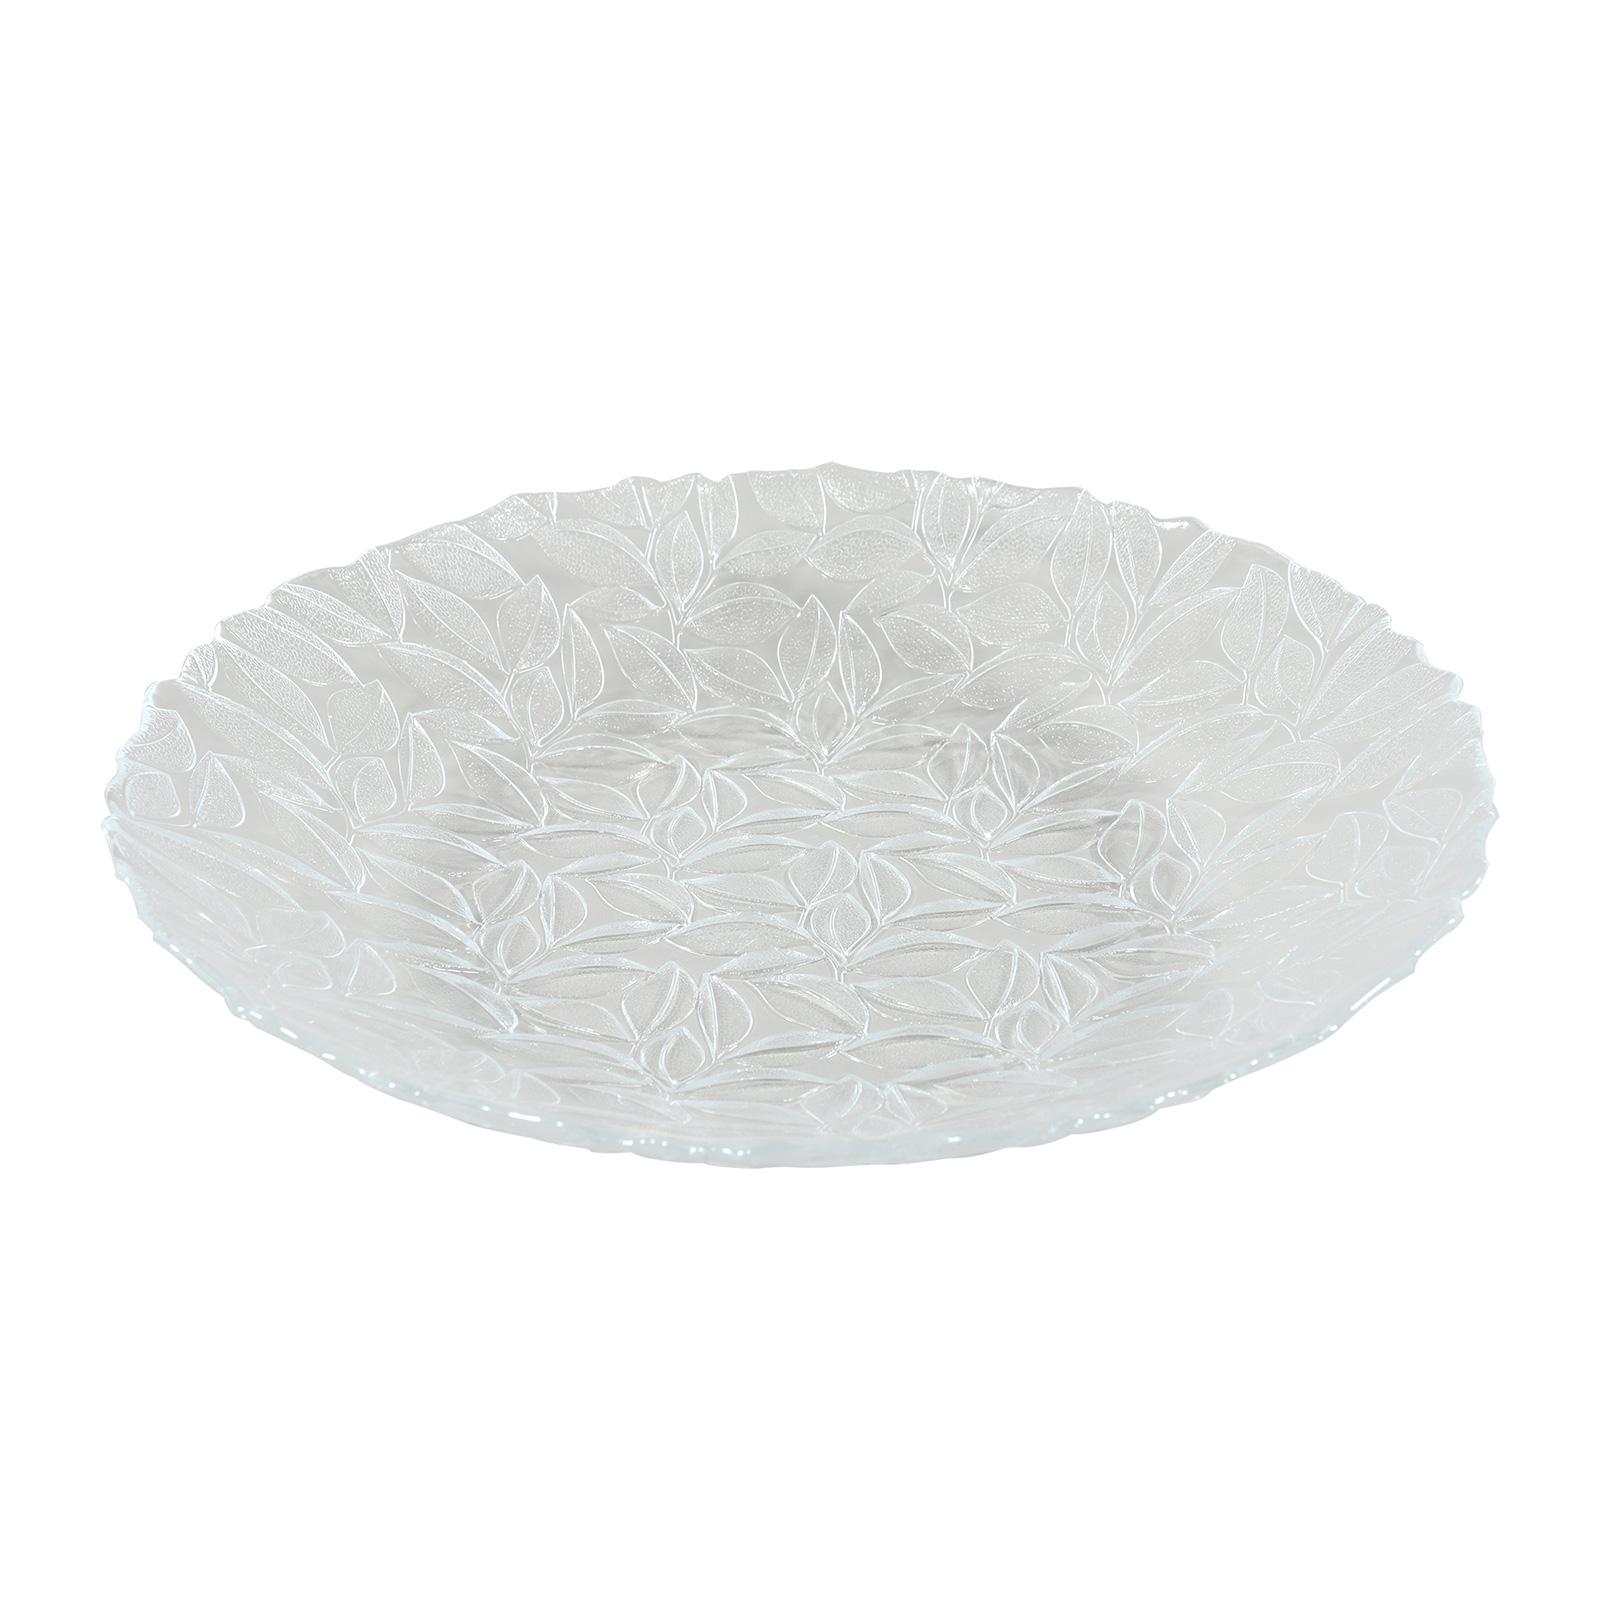 Saladier en verre pressé 33 cm - Lot de 6